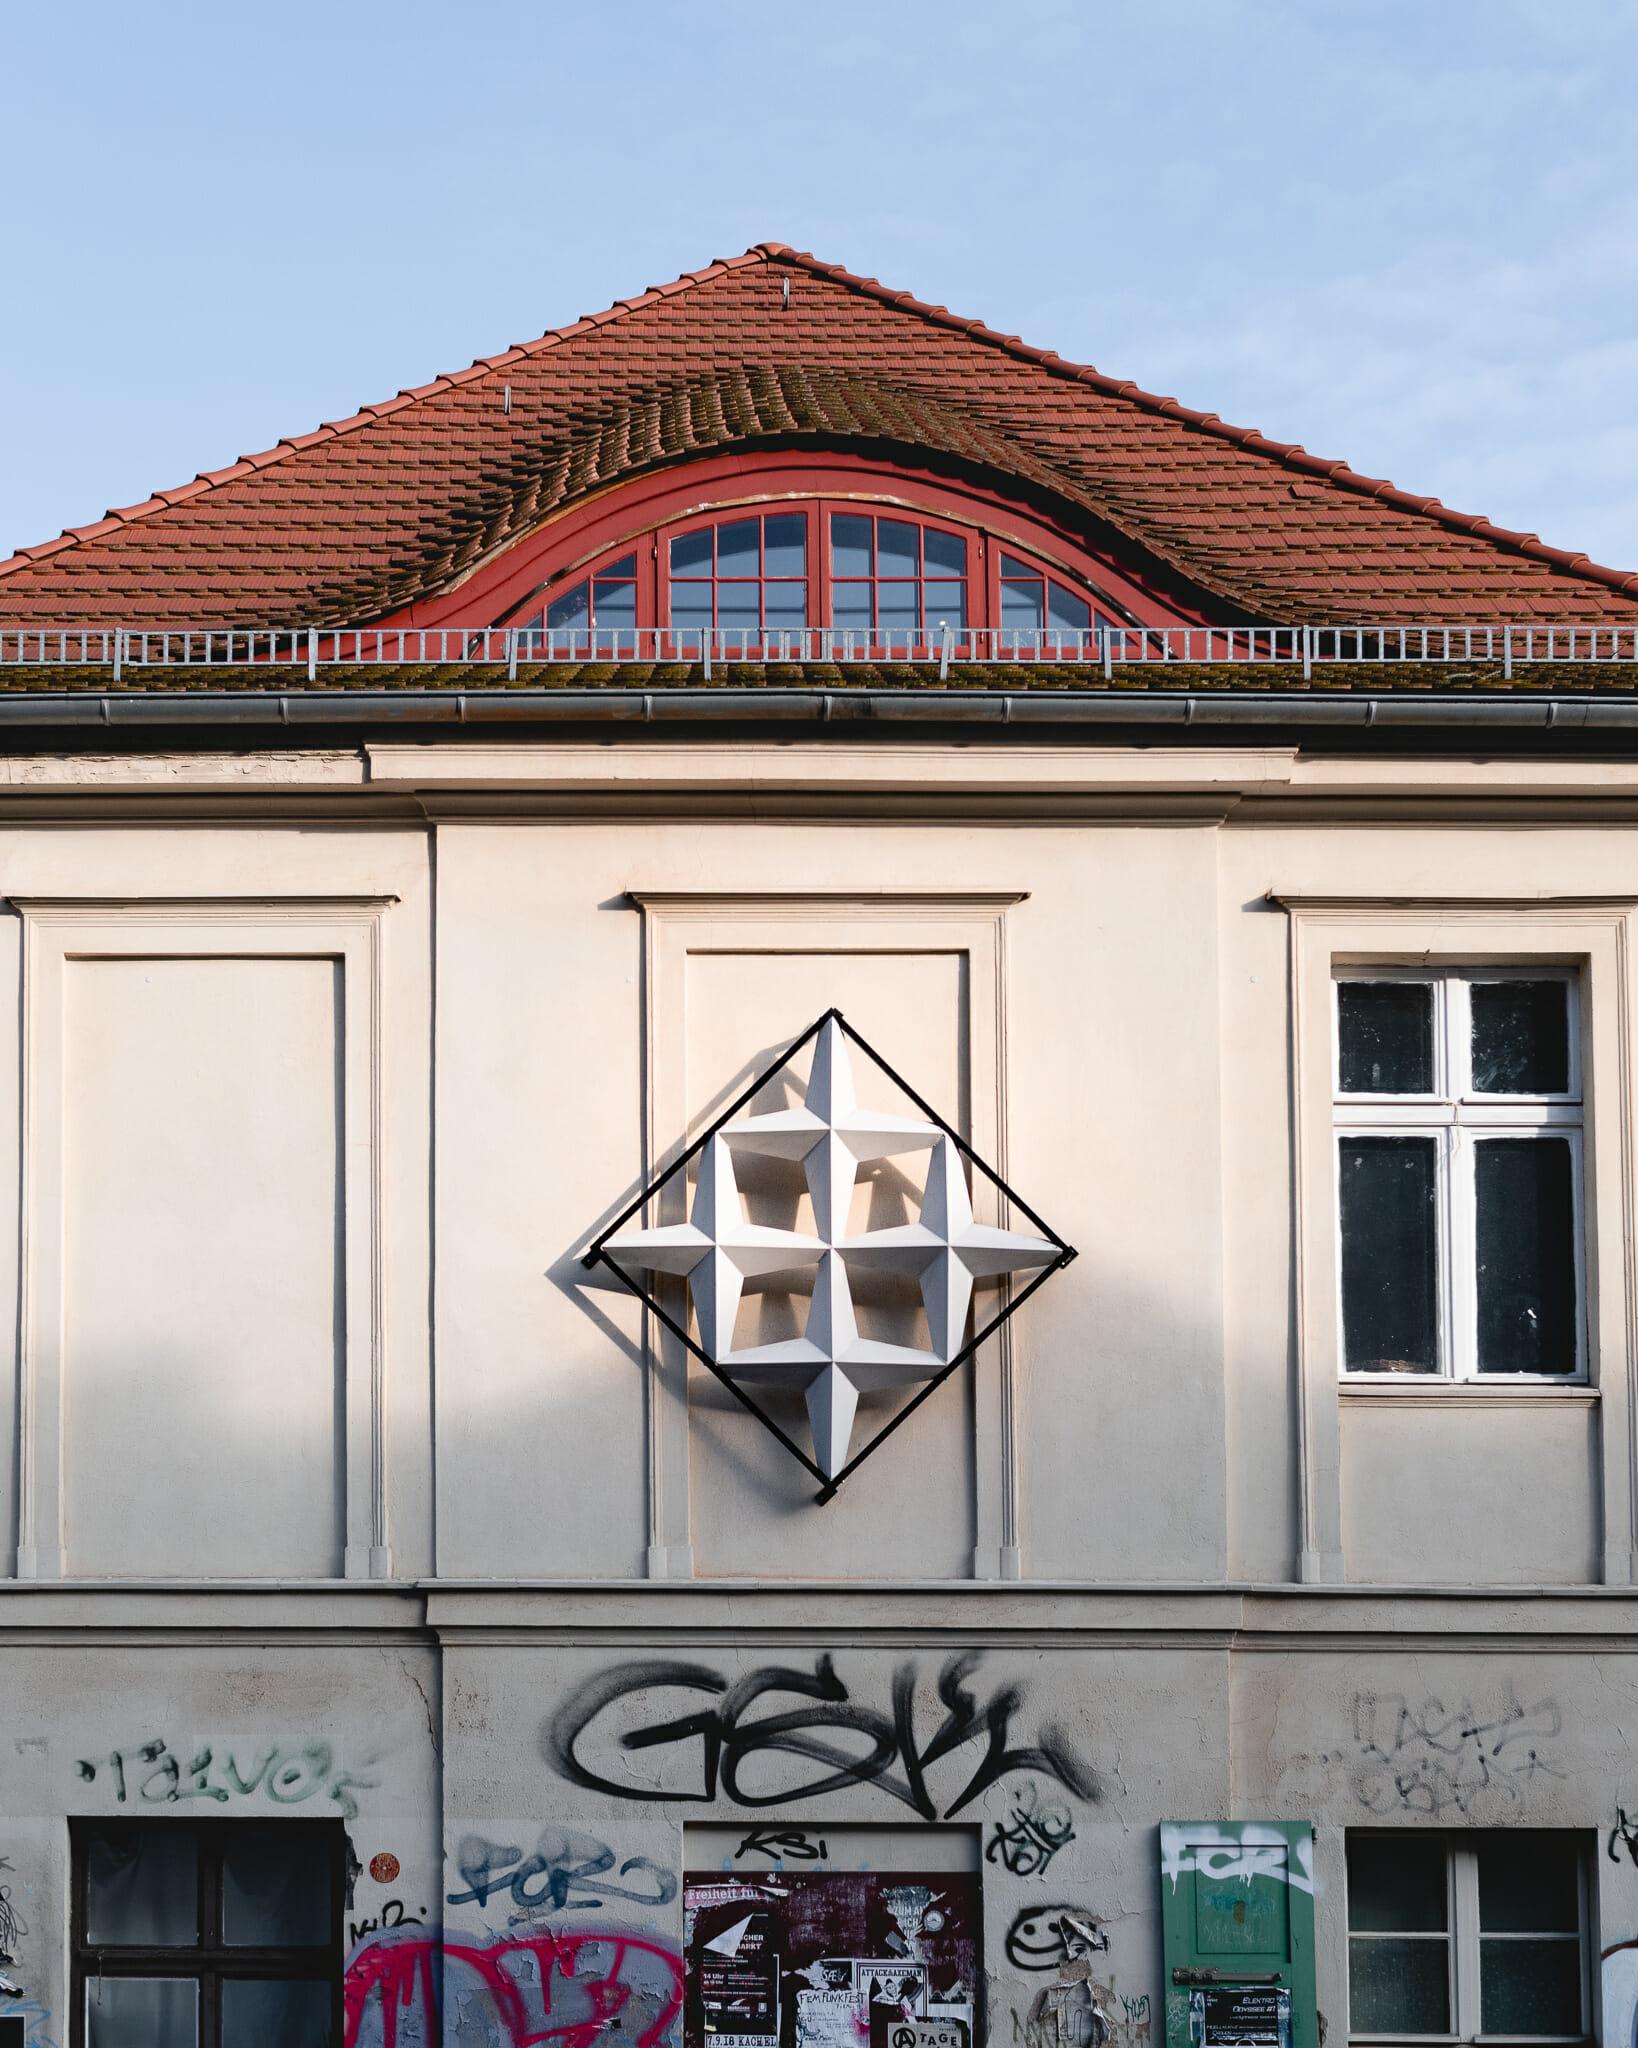 Raute oder Stern der alten FH-Fassade an einem Haus in der Gutenbergstraße